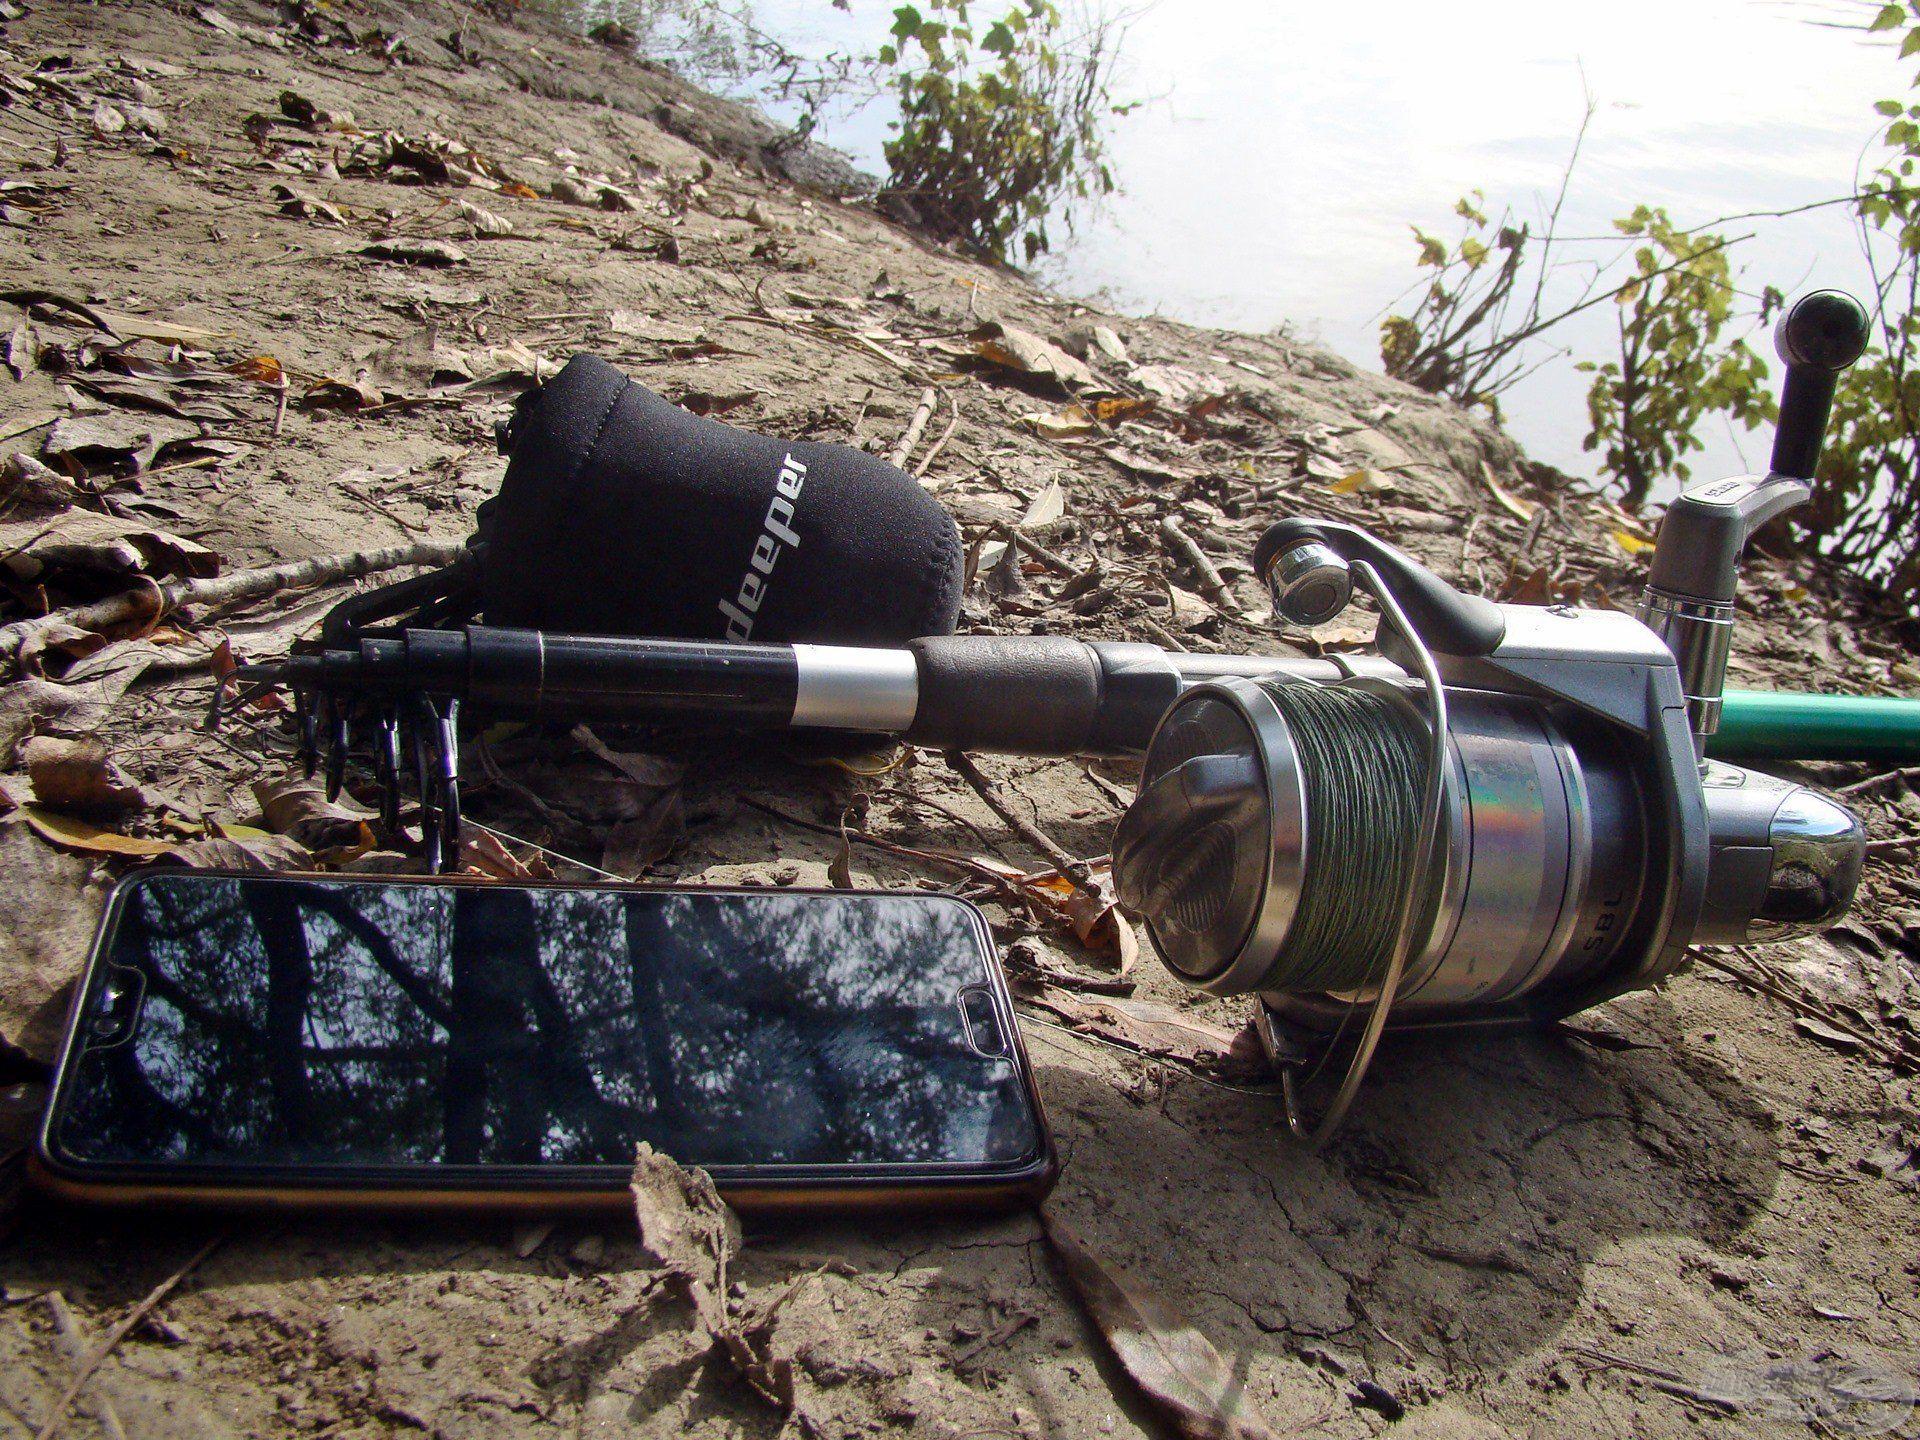 Egy erősebb bot, a Deeper, valamint egy telefon, és már indulhat is a medertérképezés